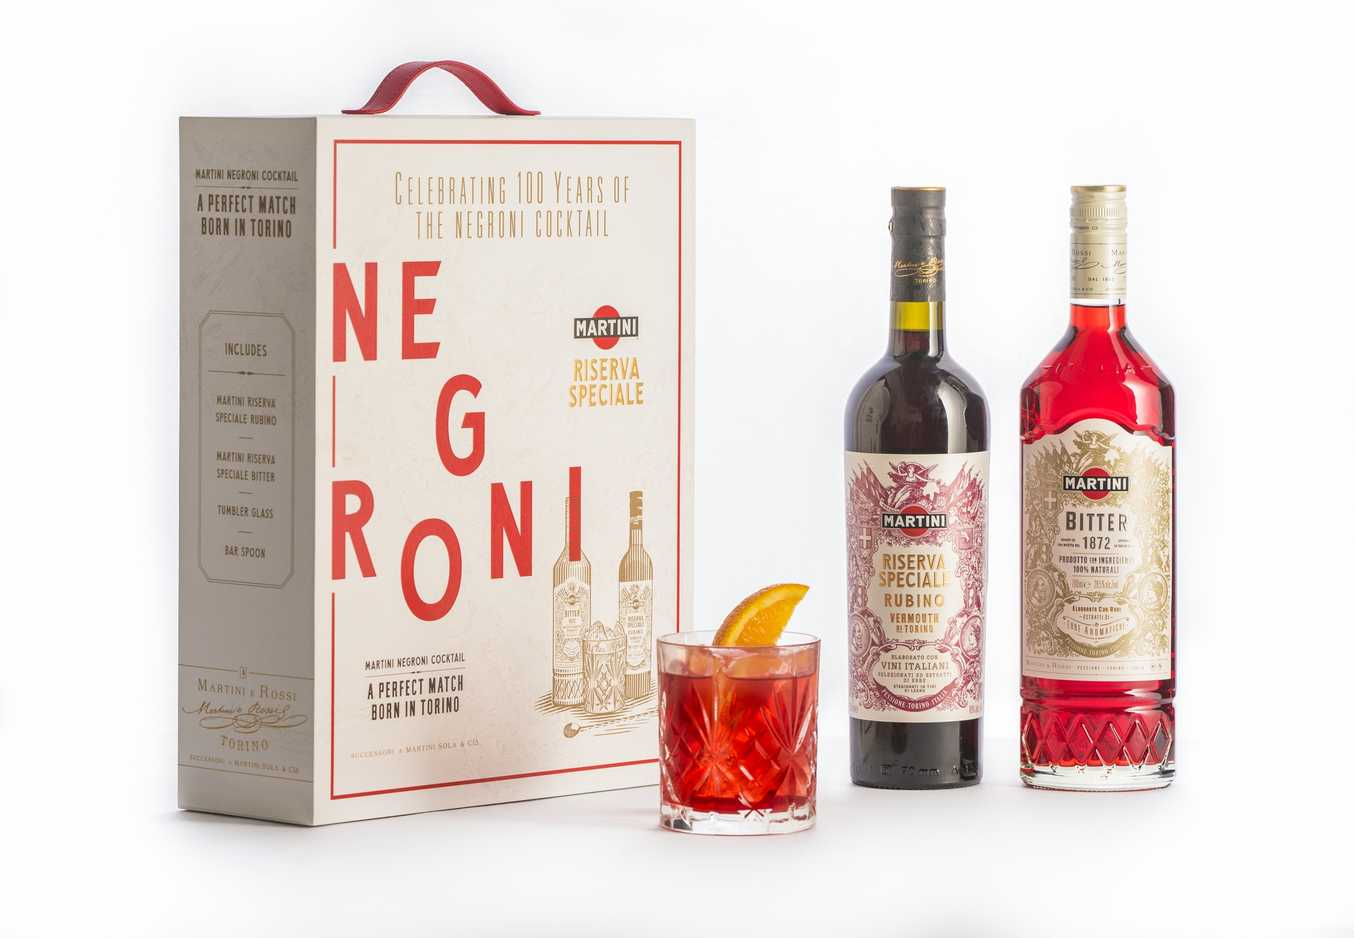 'Martini' lanza una edición conmemorativa del Negroni